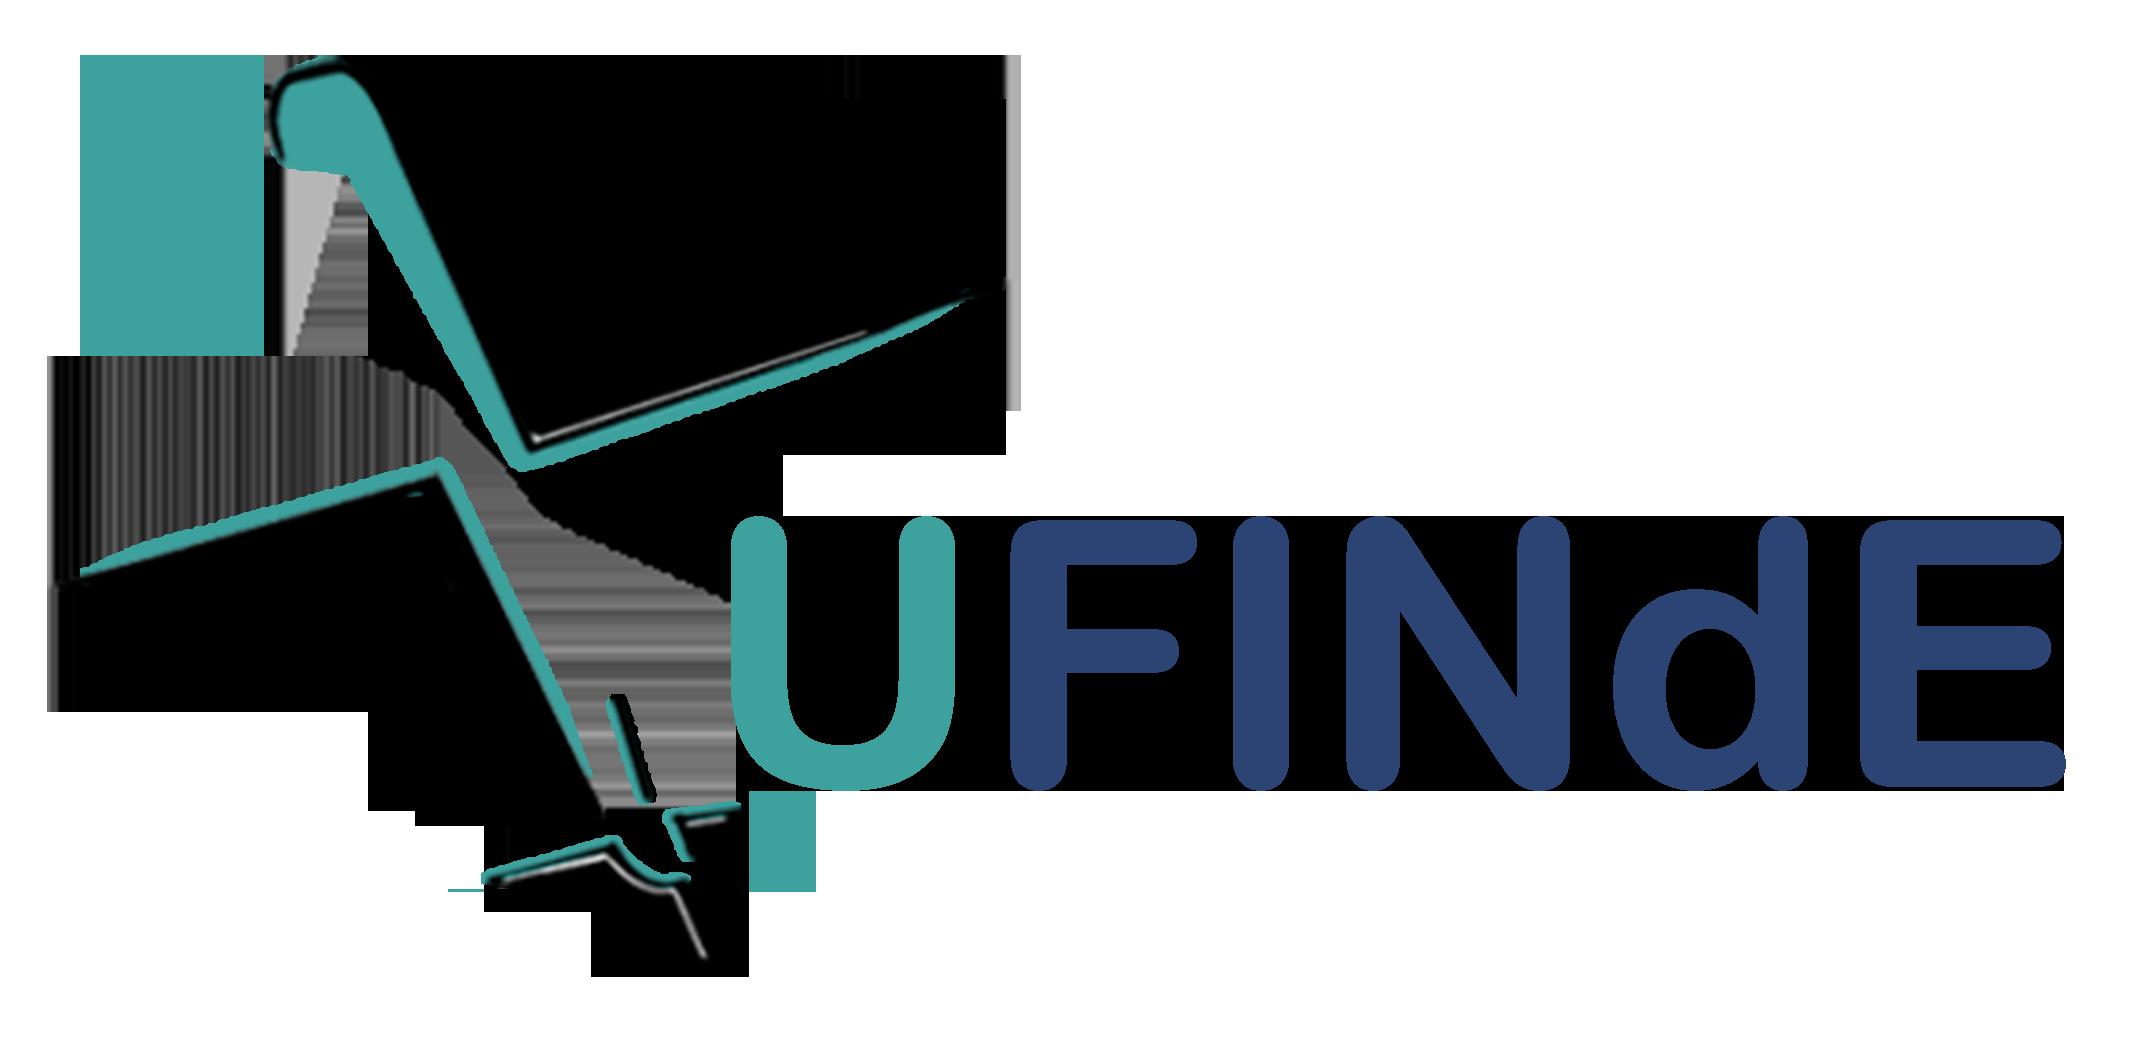 tufinde.com